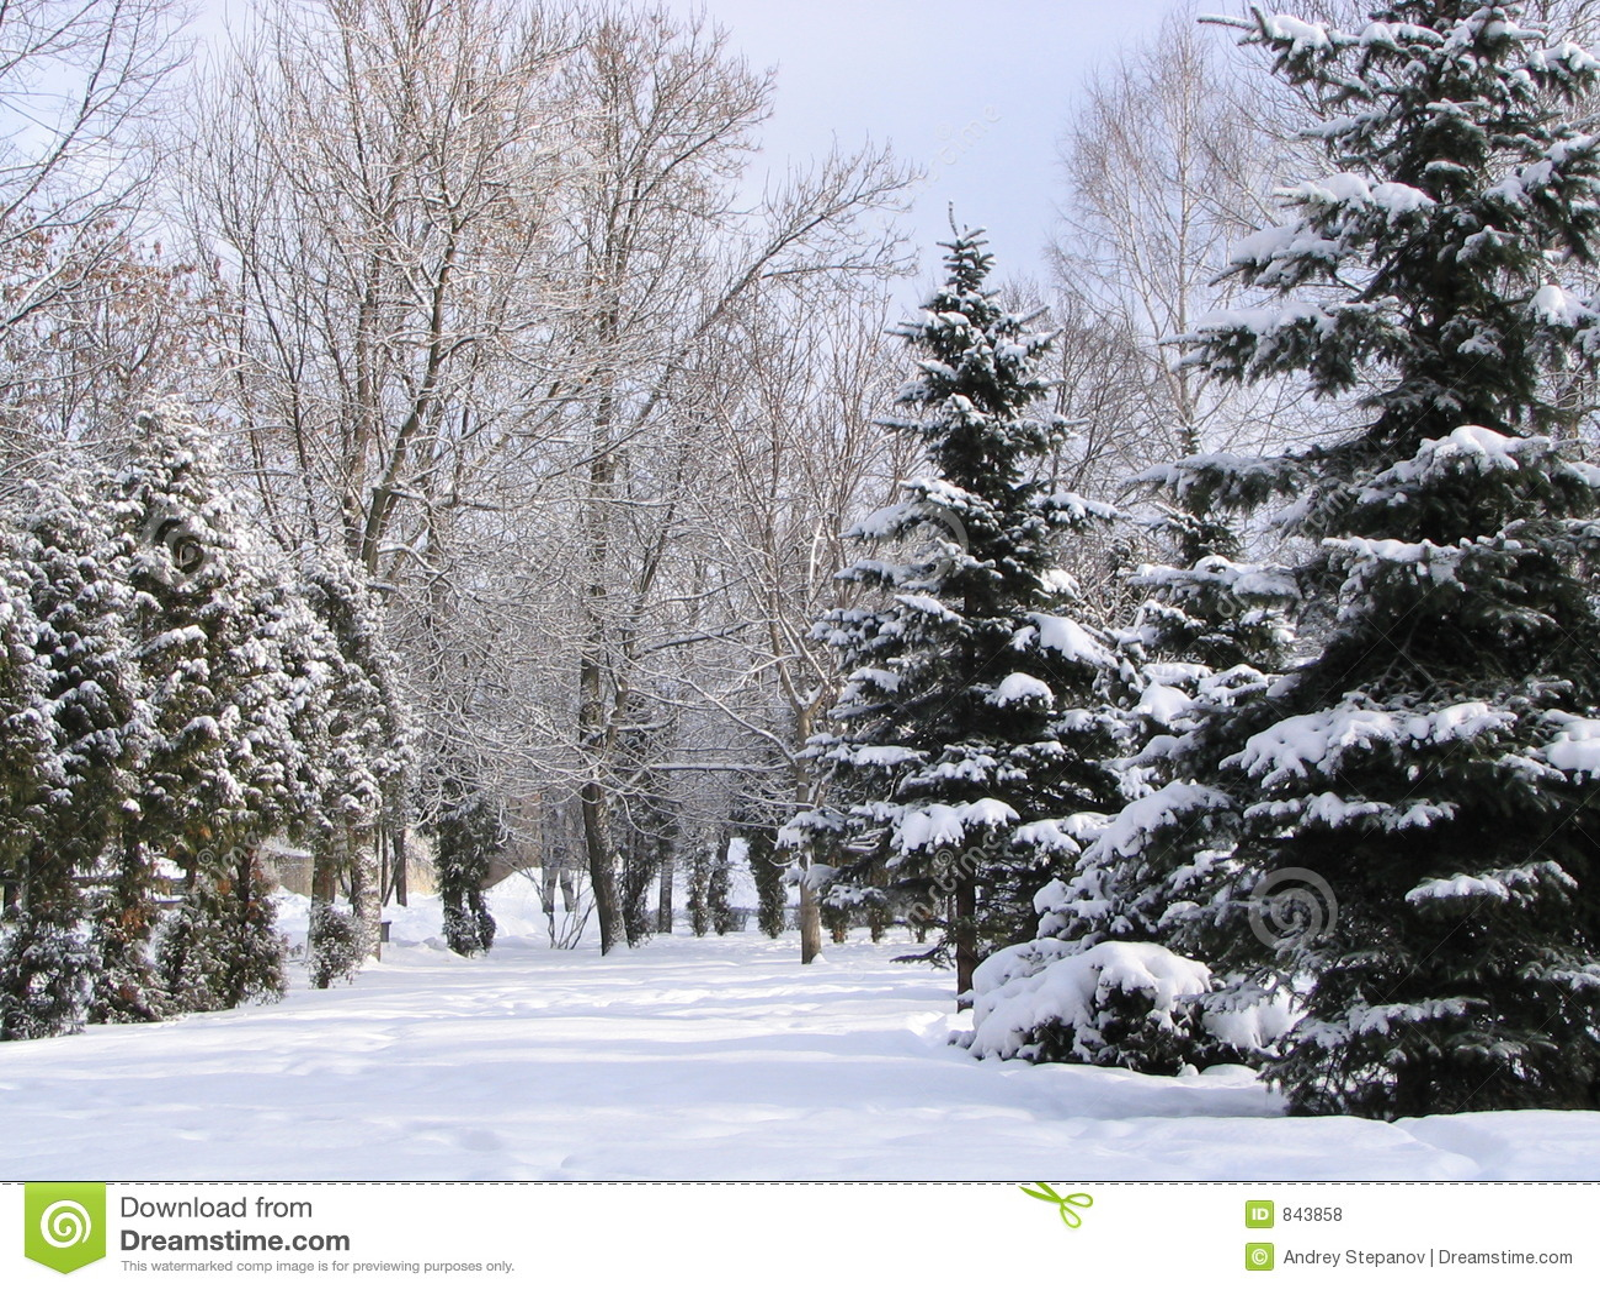 Dni 2 zimy.